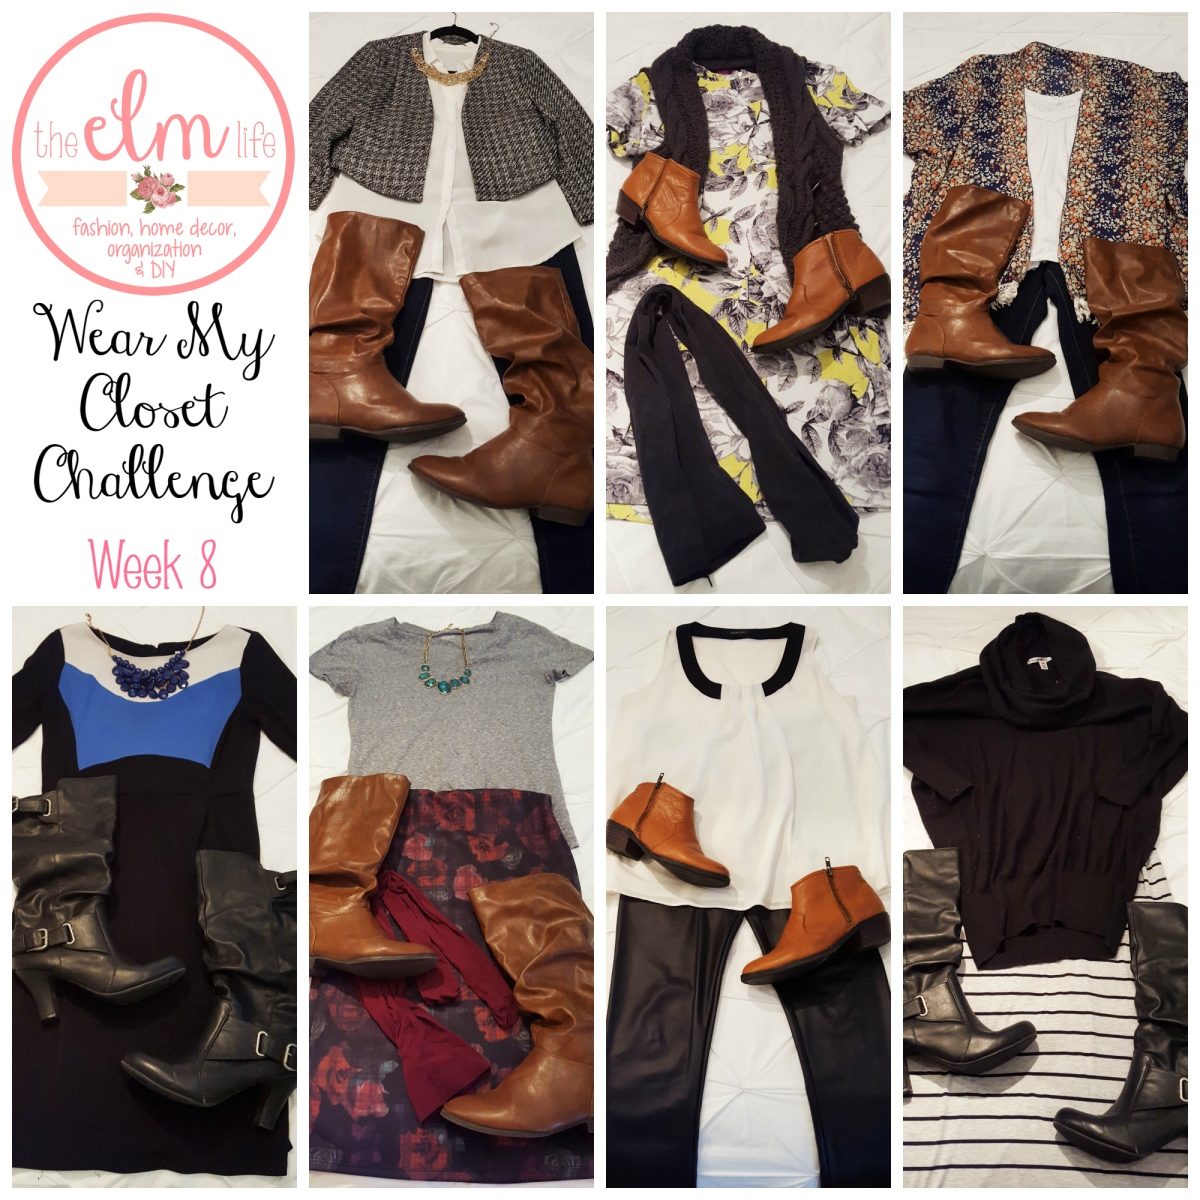 Wear My Closet Challenge - Week 8